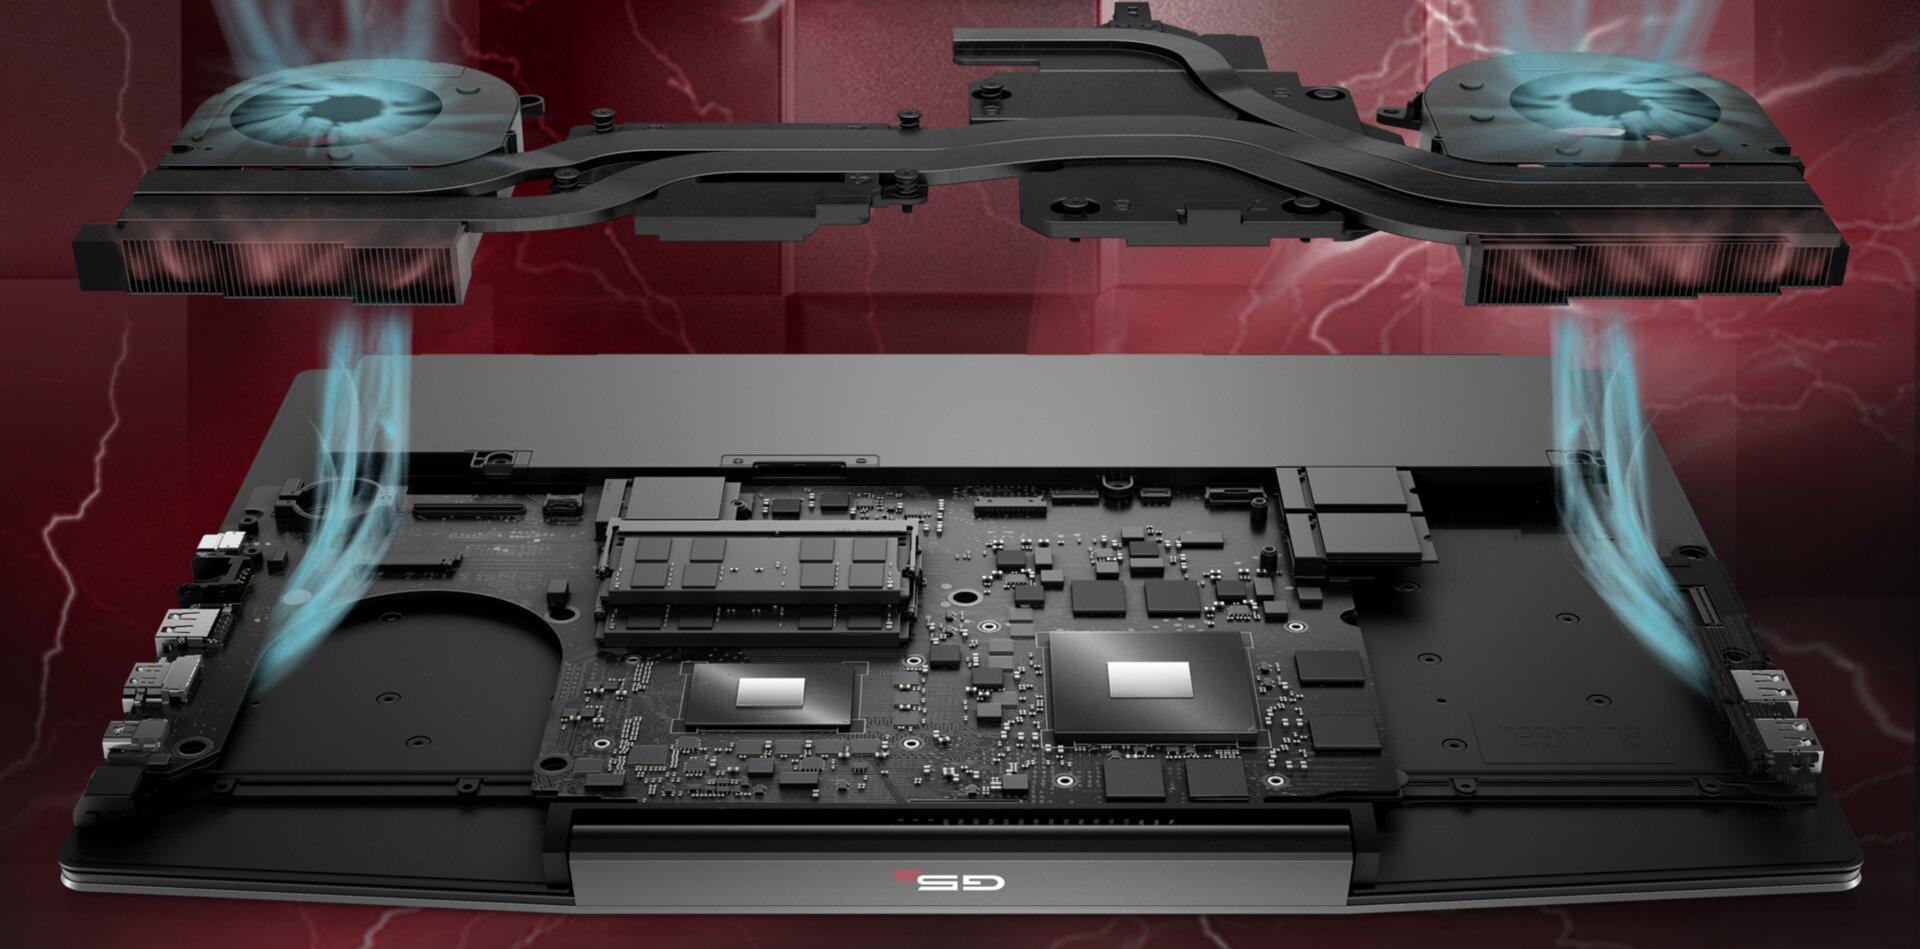 Dell G5 15 SE mit AMD Ryzen 4000 und Radeon RX